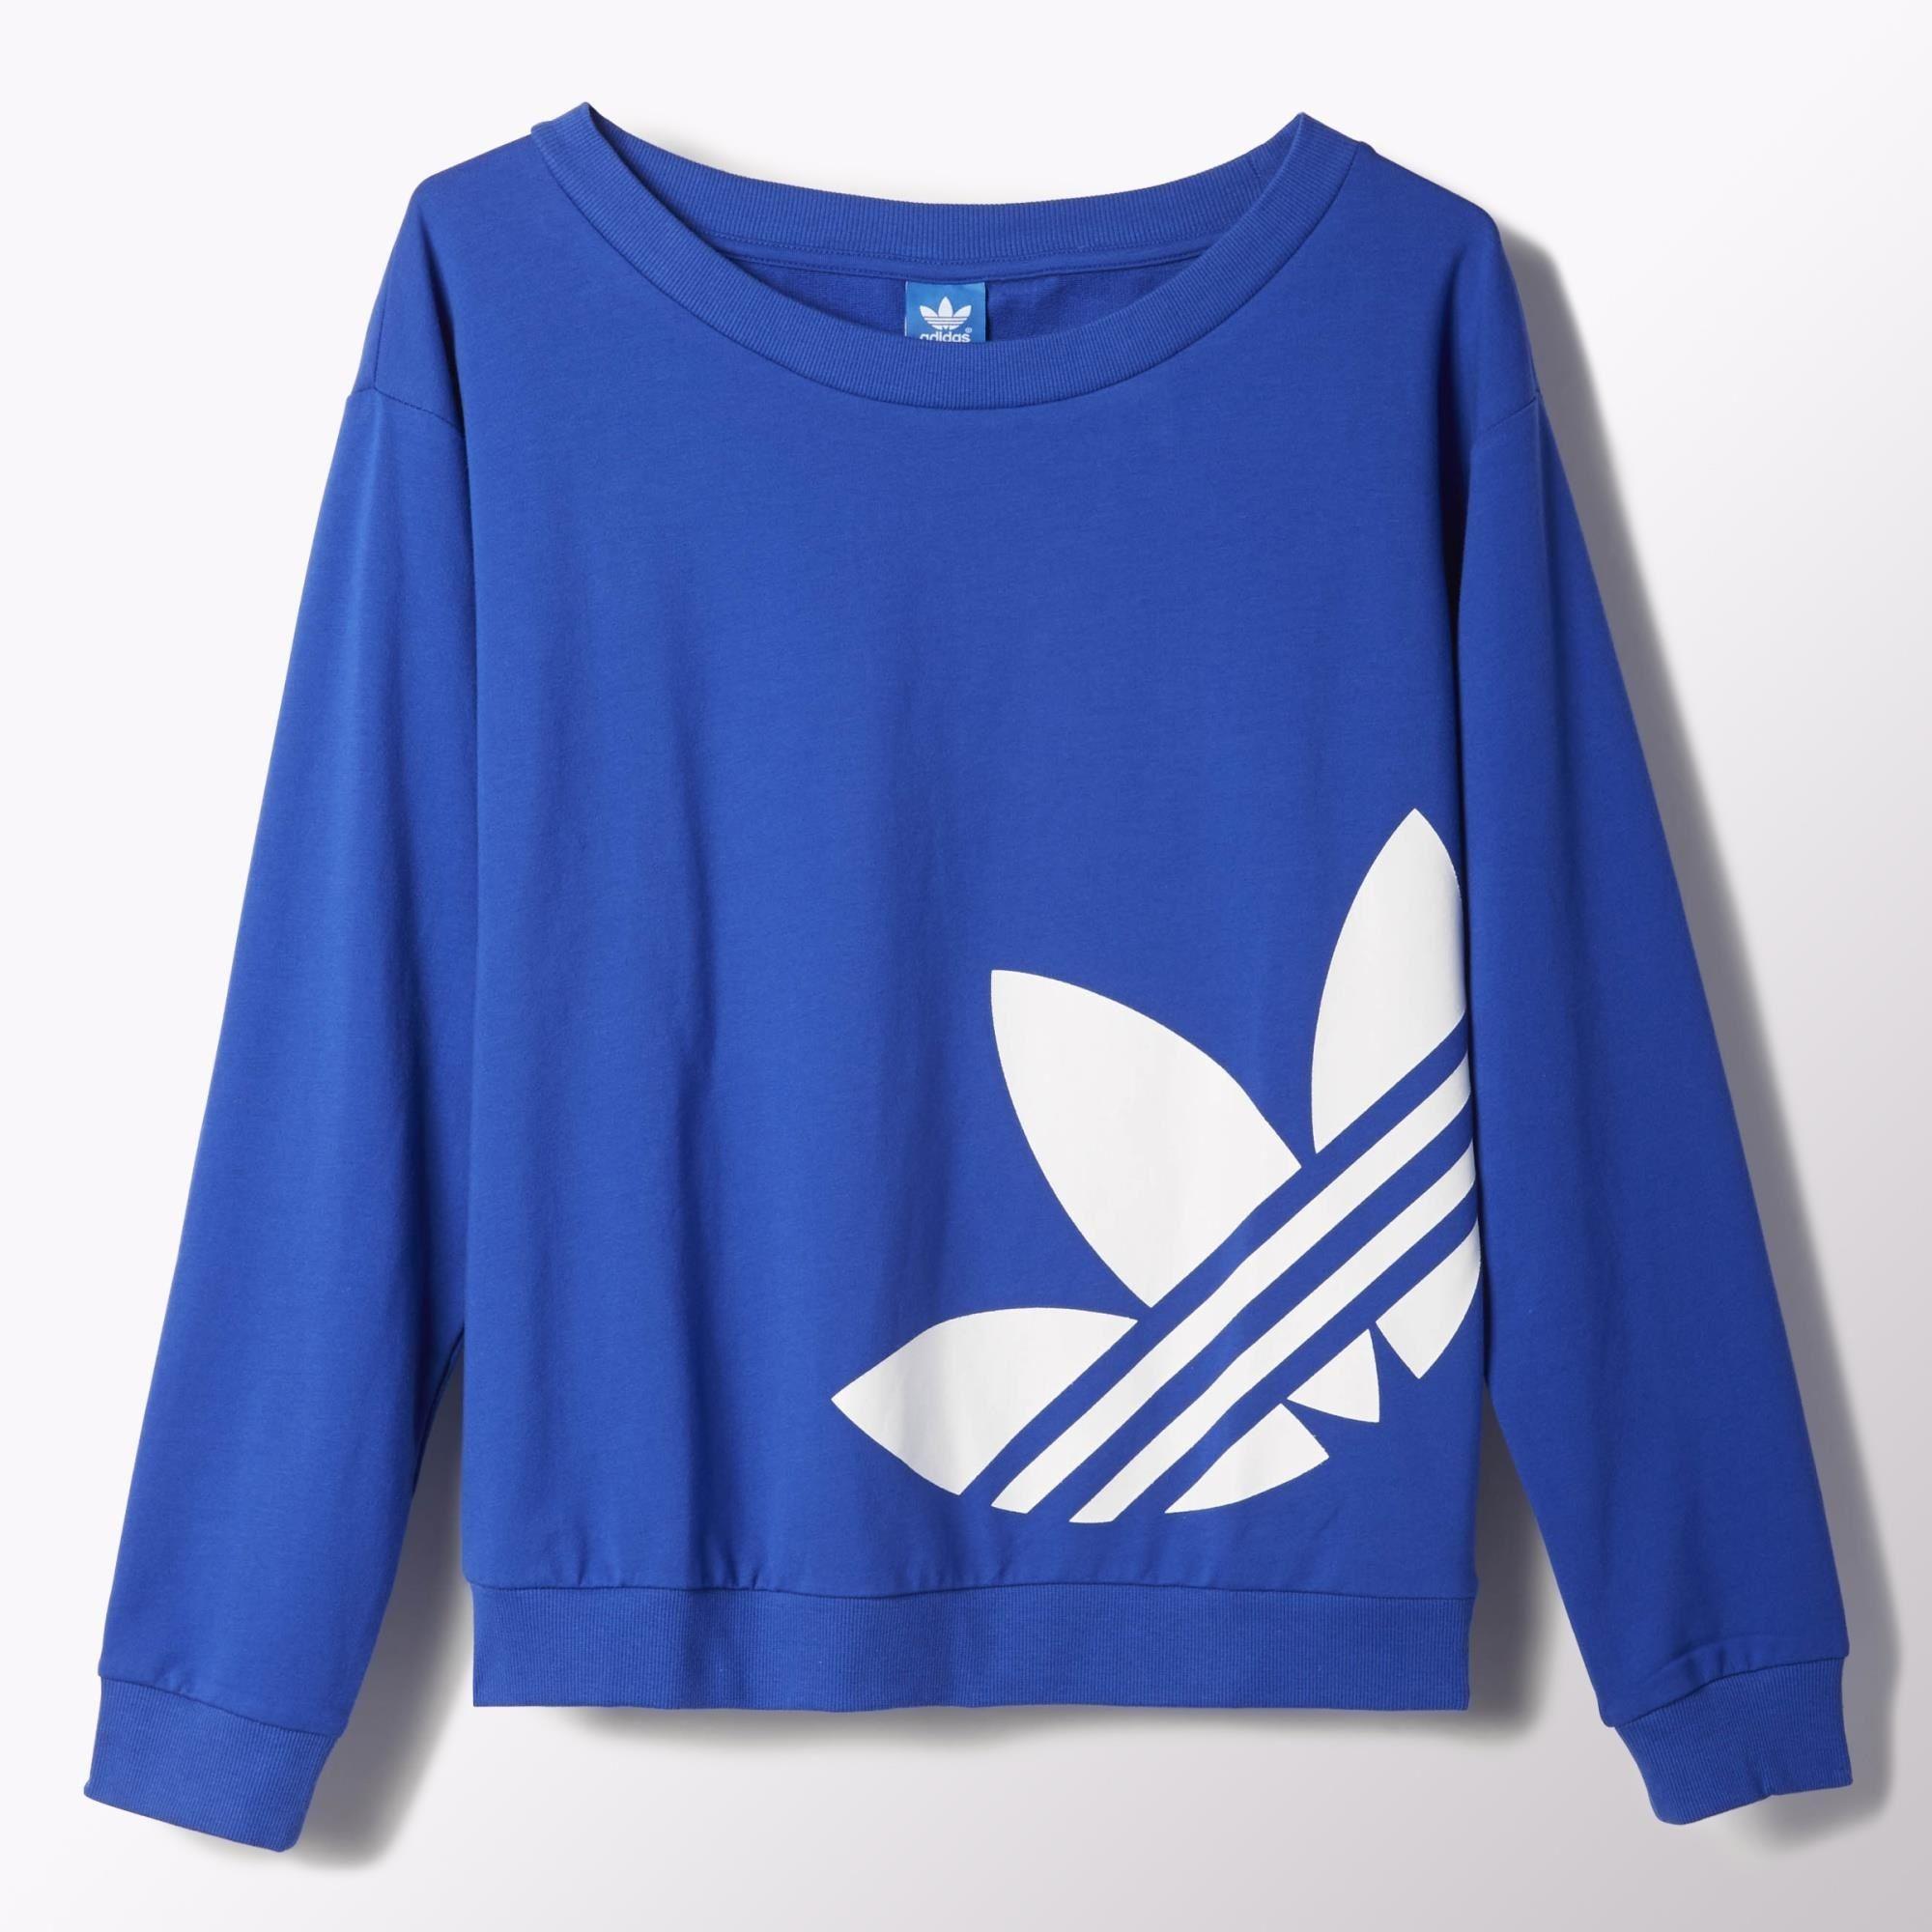 camisetas adidas mujer azules